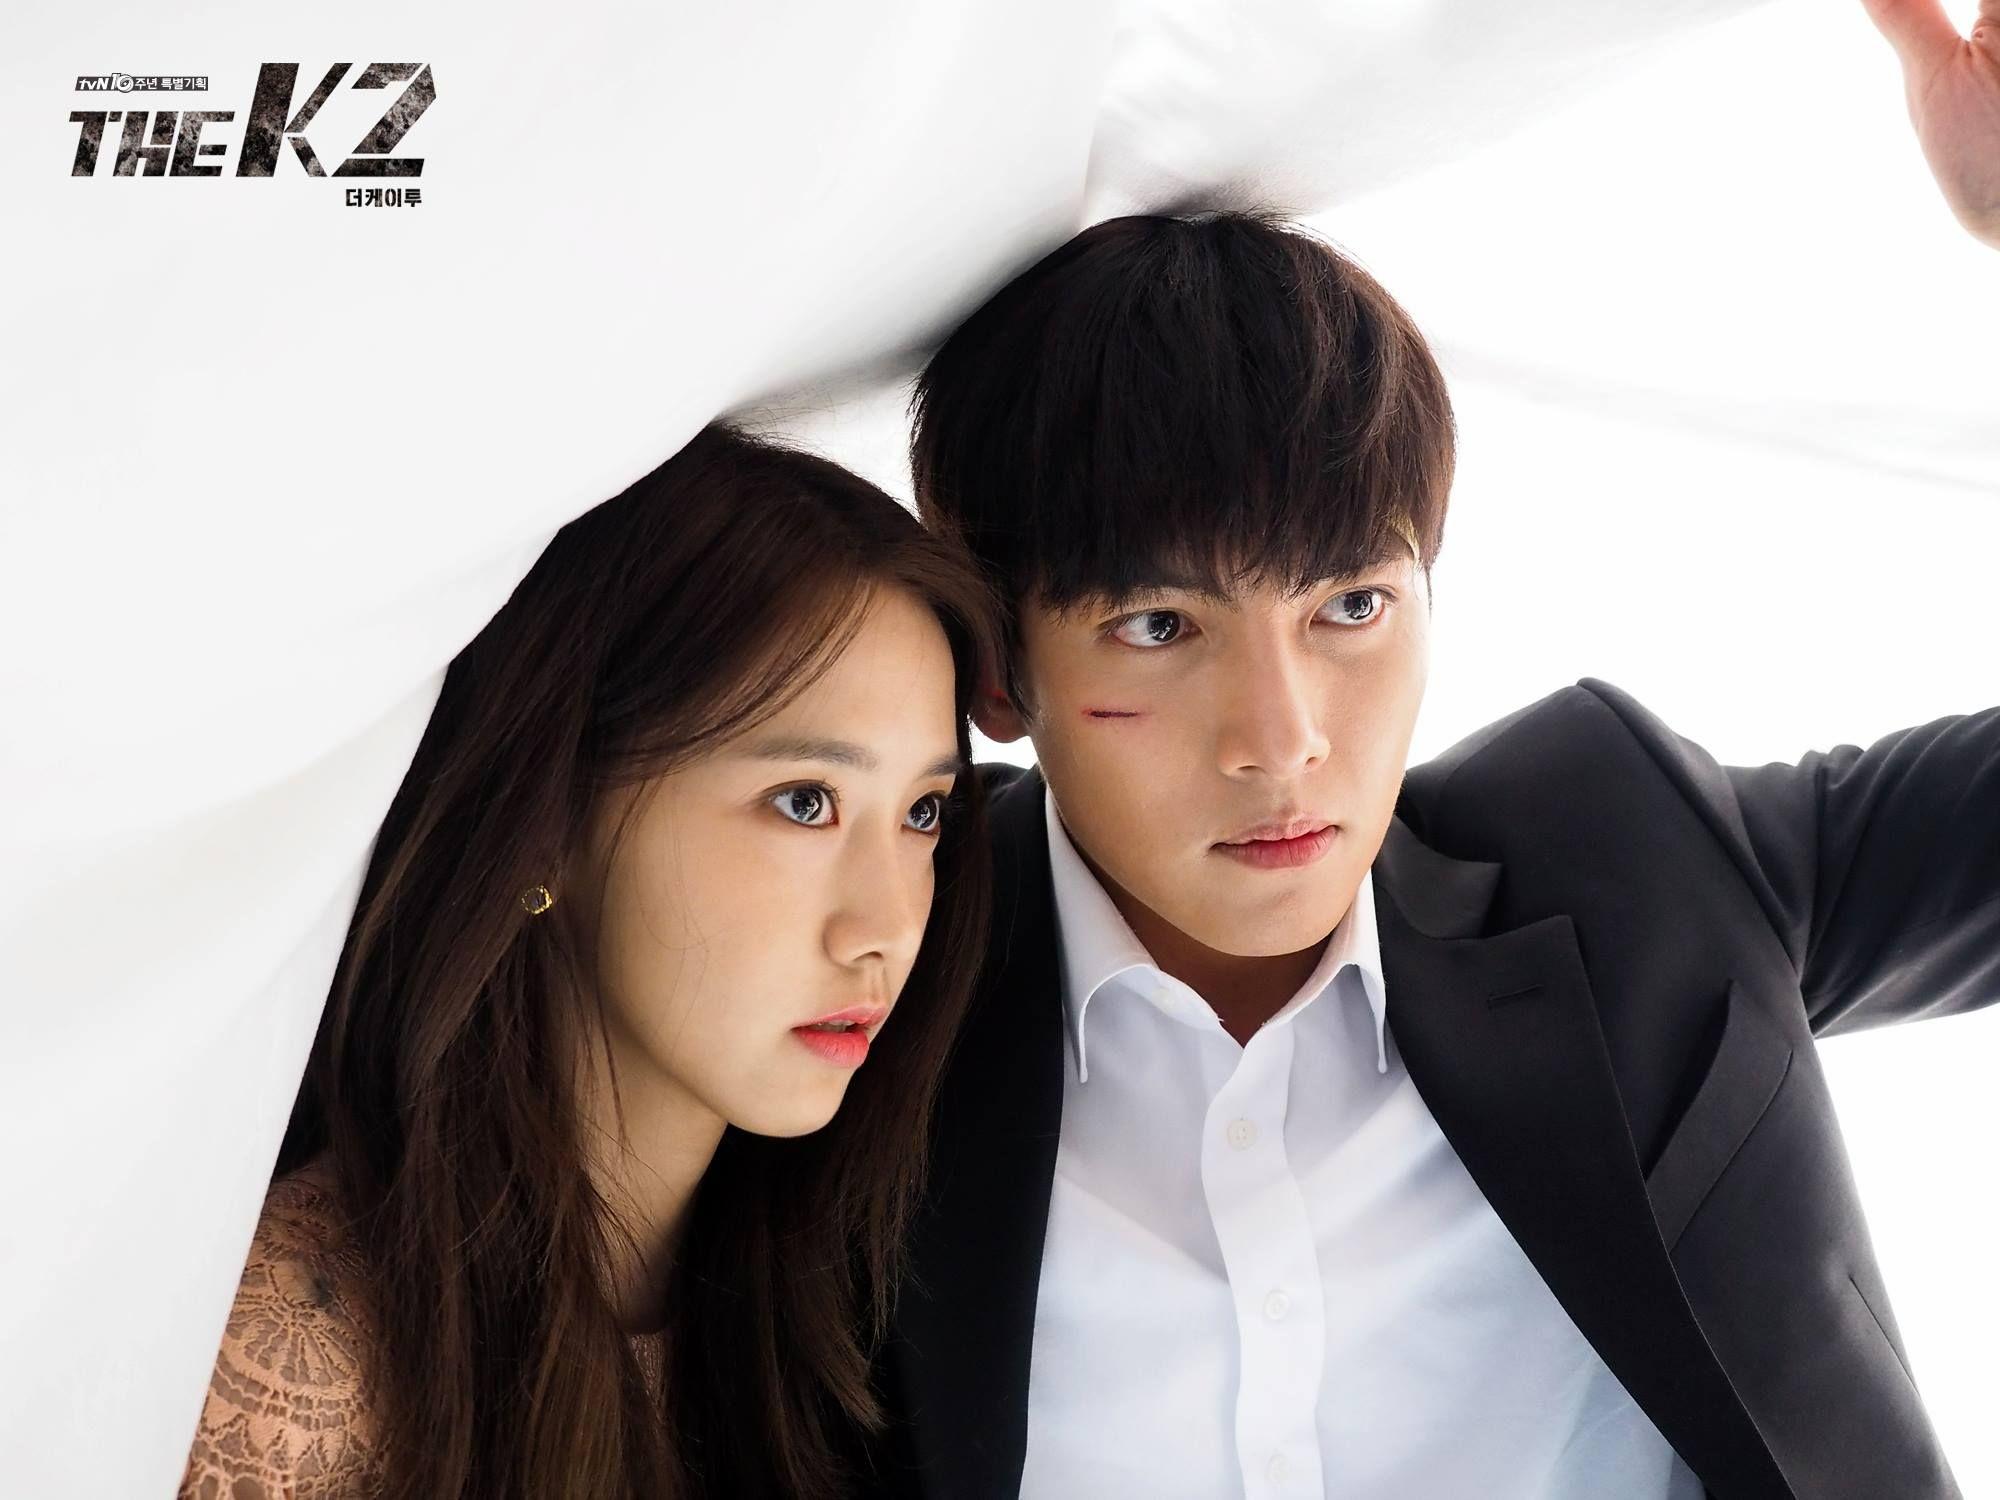 pin de lucy ribeiro em ji chang wook em 2020 atores coreanos dramas ji chang wook pinterest